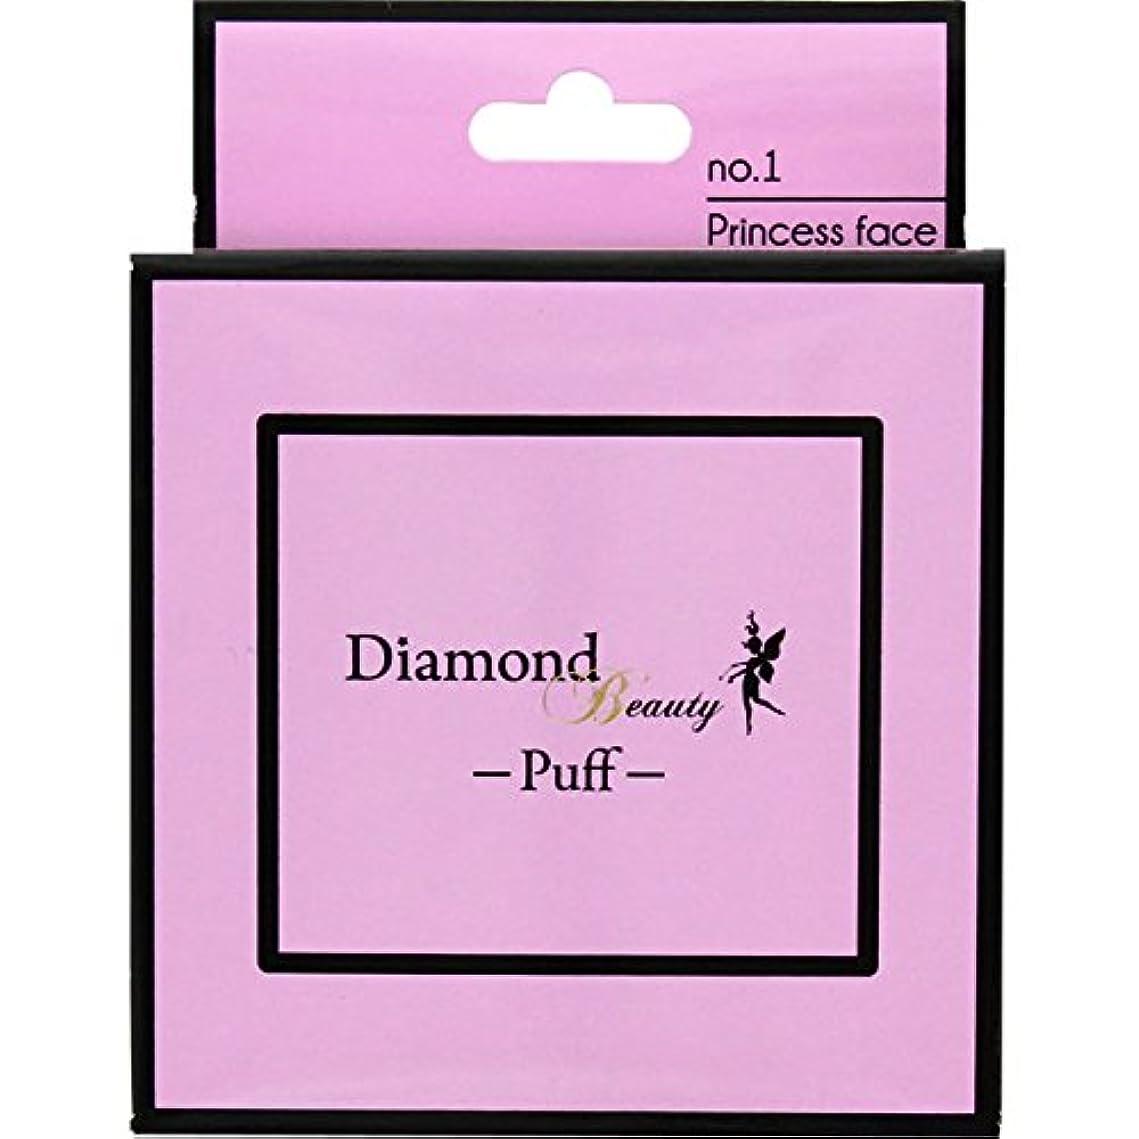 入る救出戻るダイヤモンドビューティー パフ 01 プリンセスフェイス